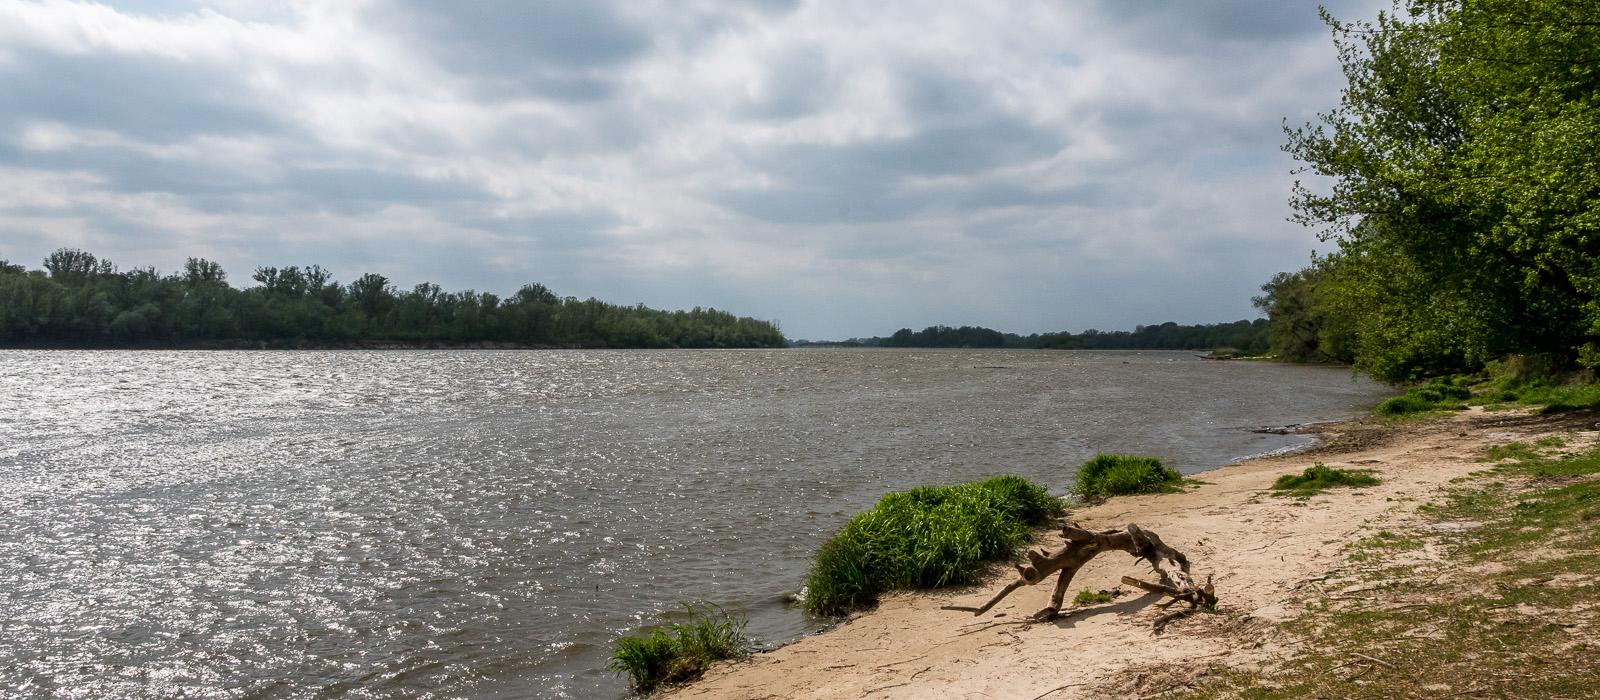 Wisła Bałtykiem Warszawy? 16 miejsc w okolicy stolicy, które zastąpią wizytę nad morzem